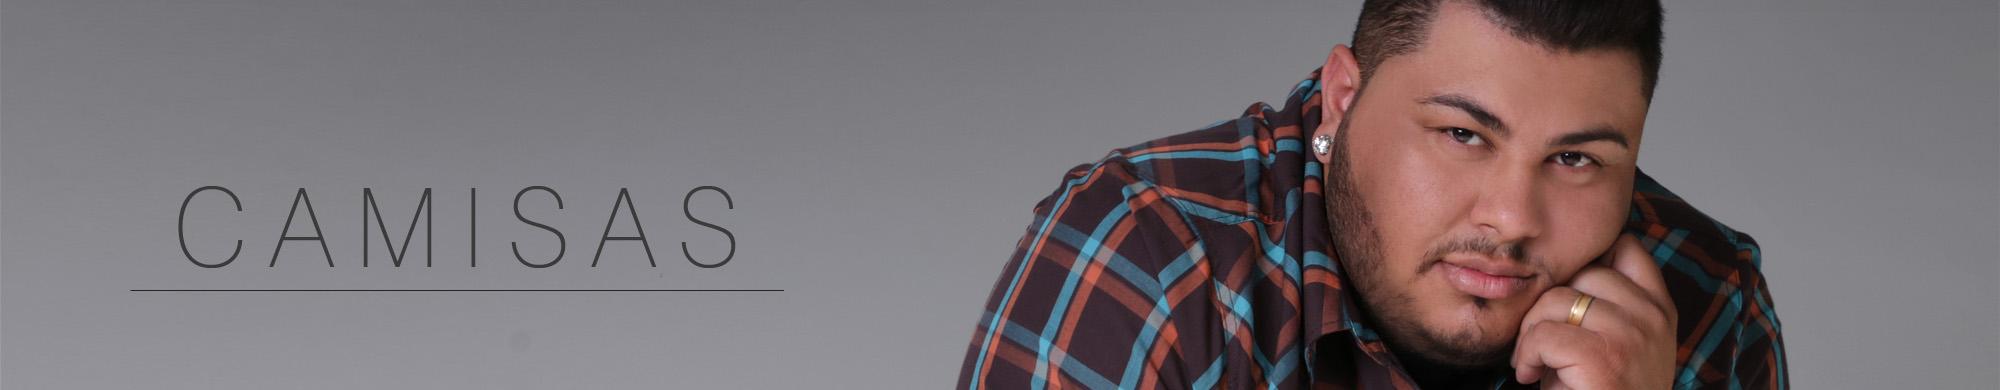 banner-camisa-masc